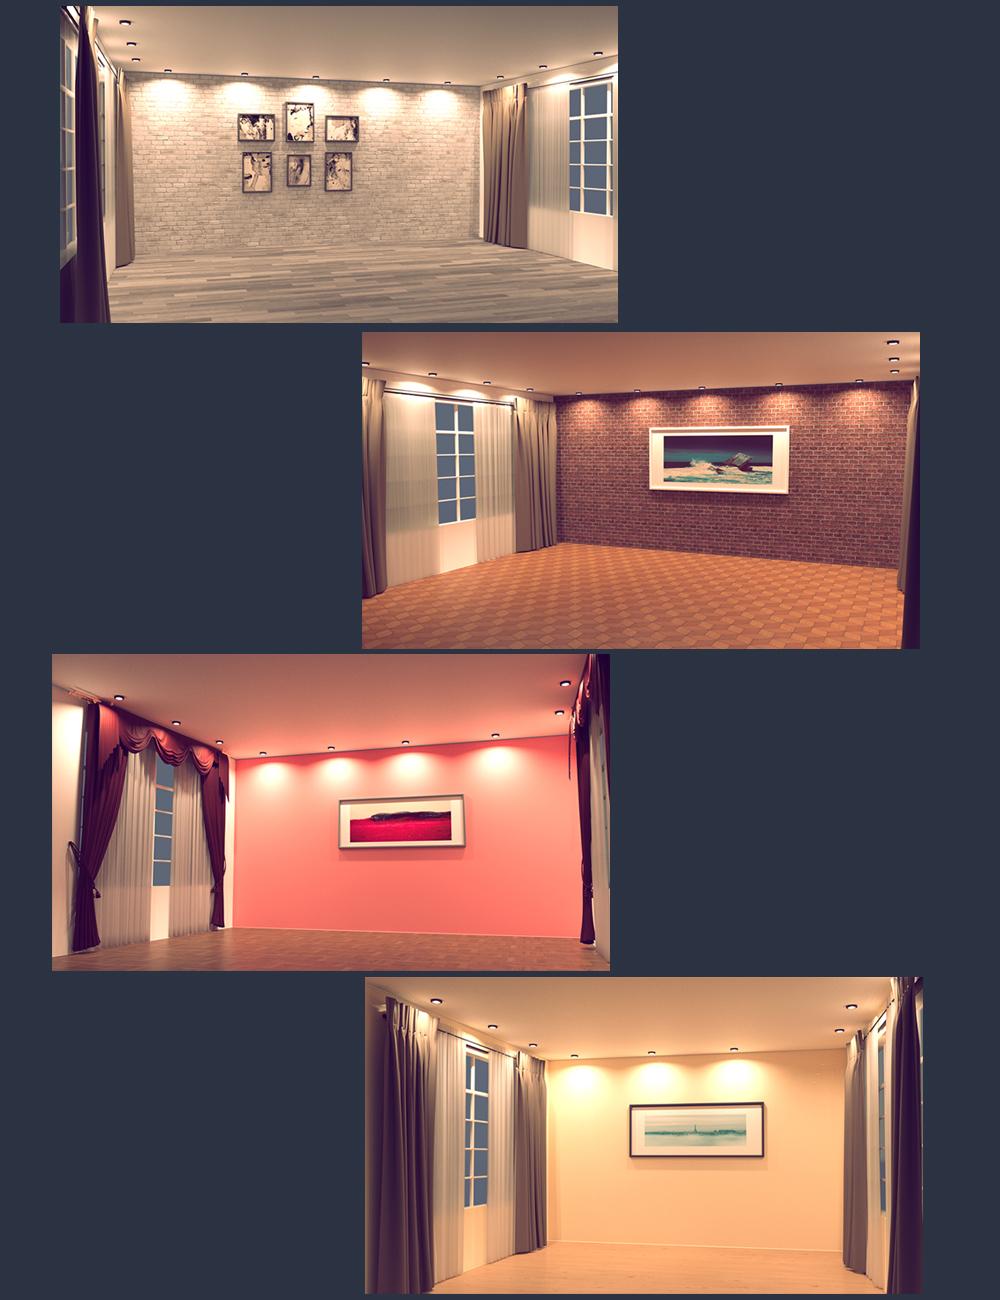 Interior Vignette 01 by: Polish, 3D Models by Daz 3D